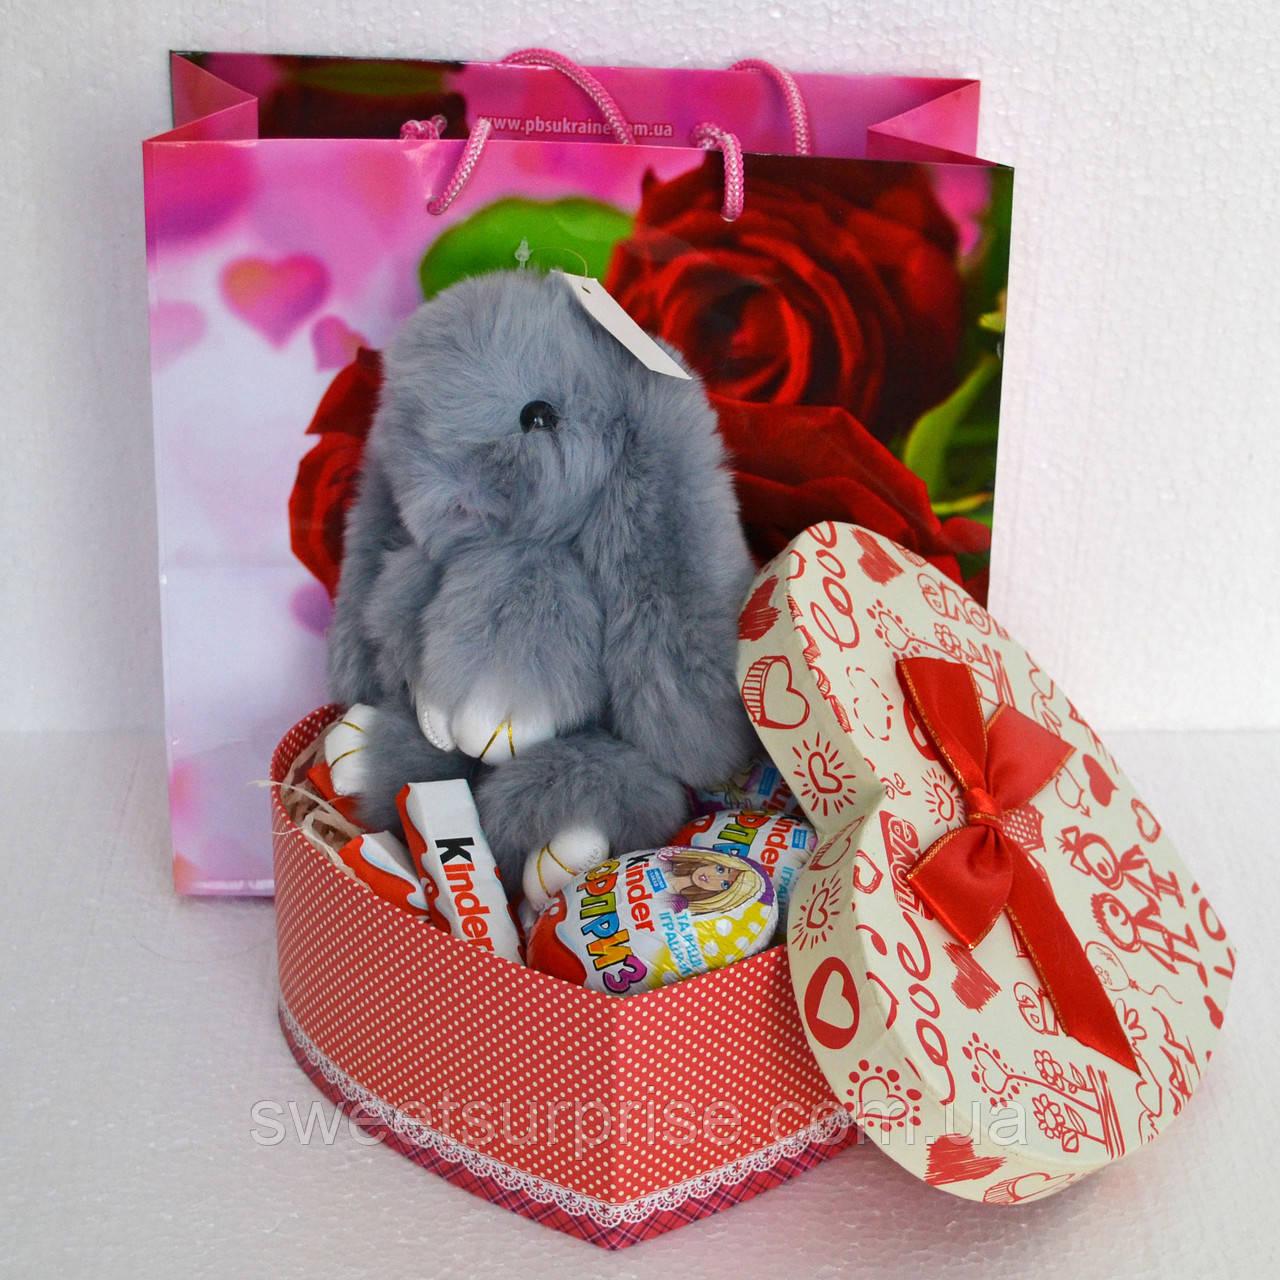 Смачний подарунок на День закоханих з зайчиком